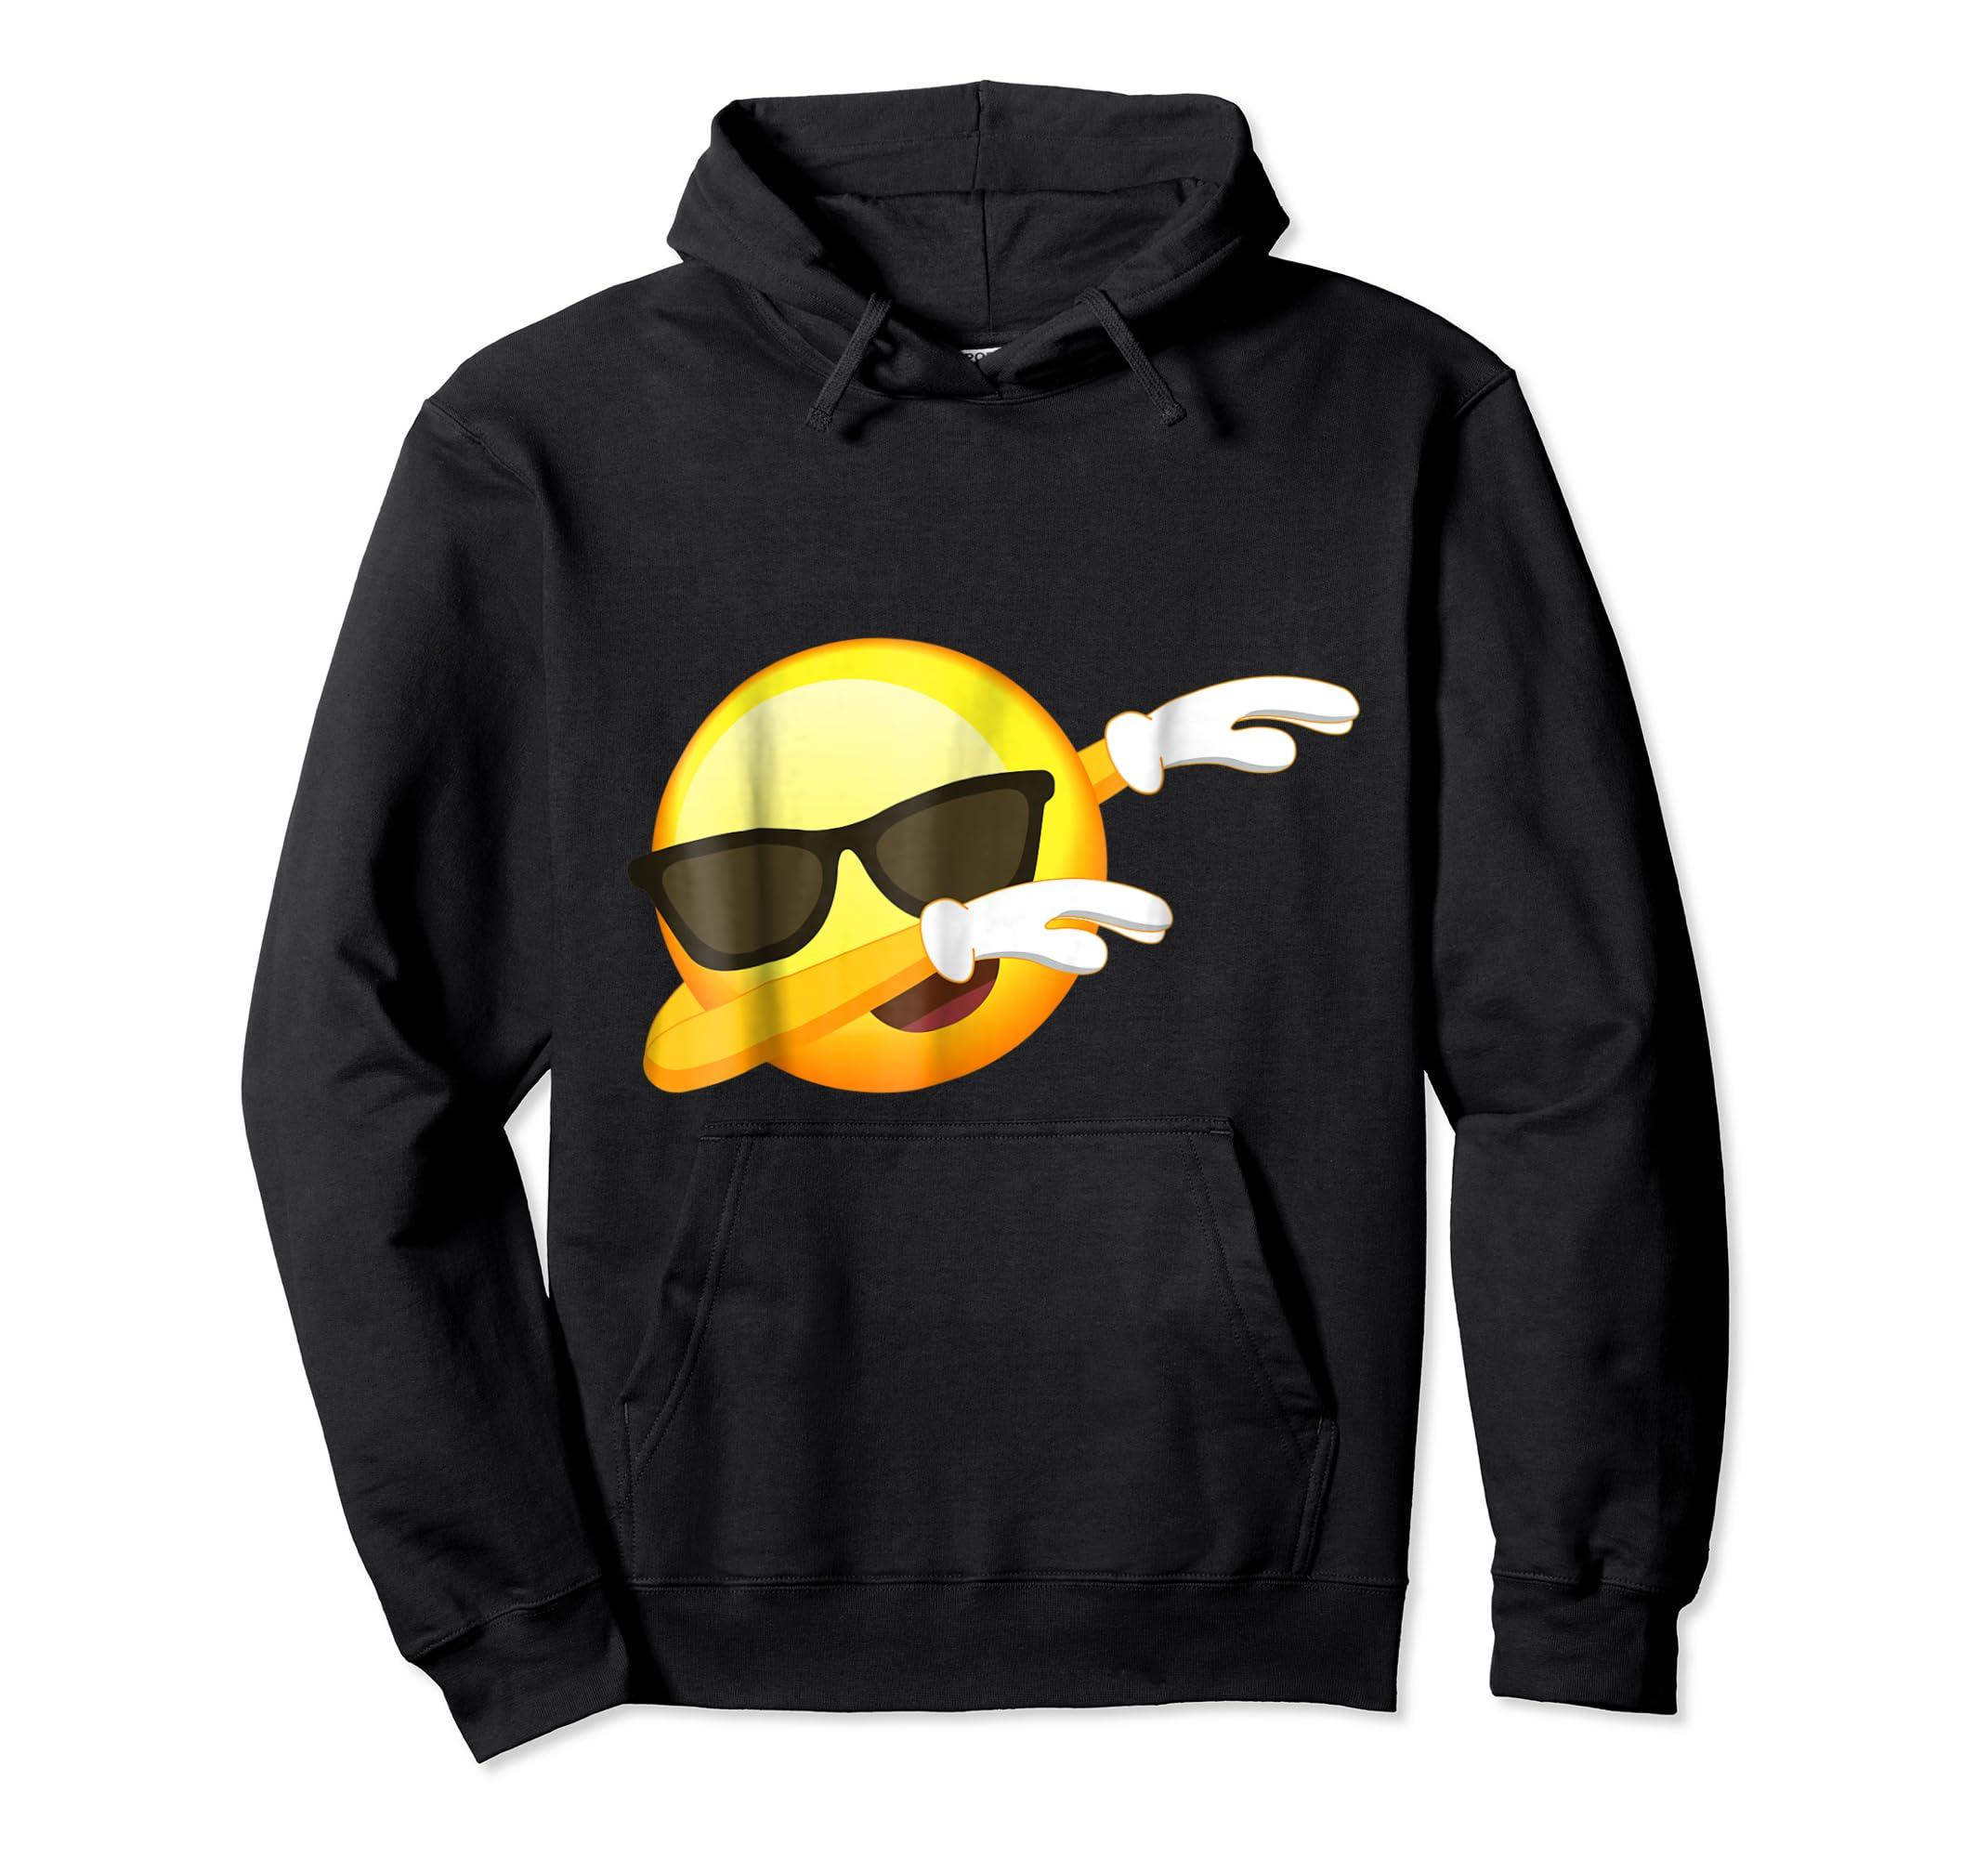 Funny Dabbing Emoji Shirt - Cool Emoji Dab T-Shirt-Hoodie-Black